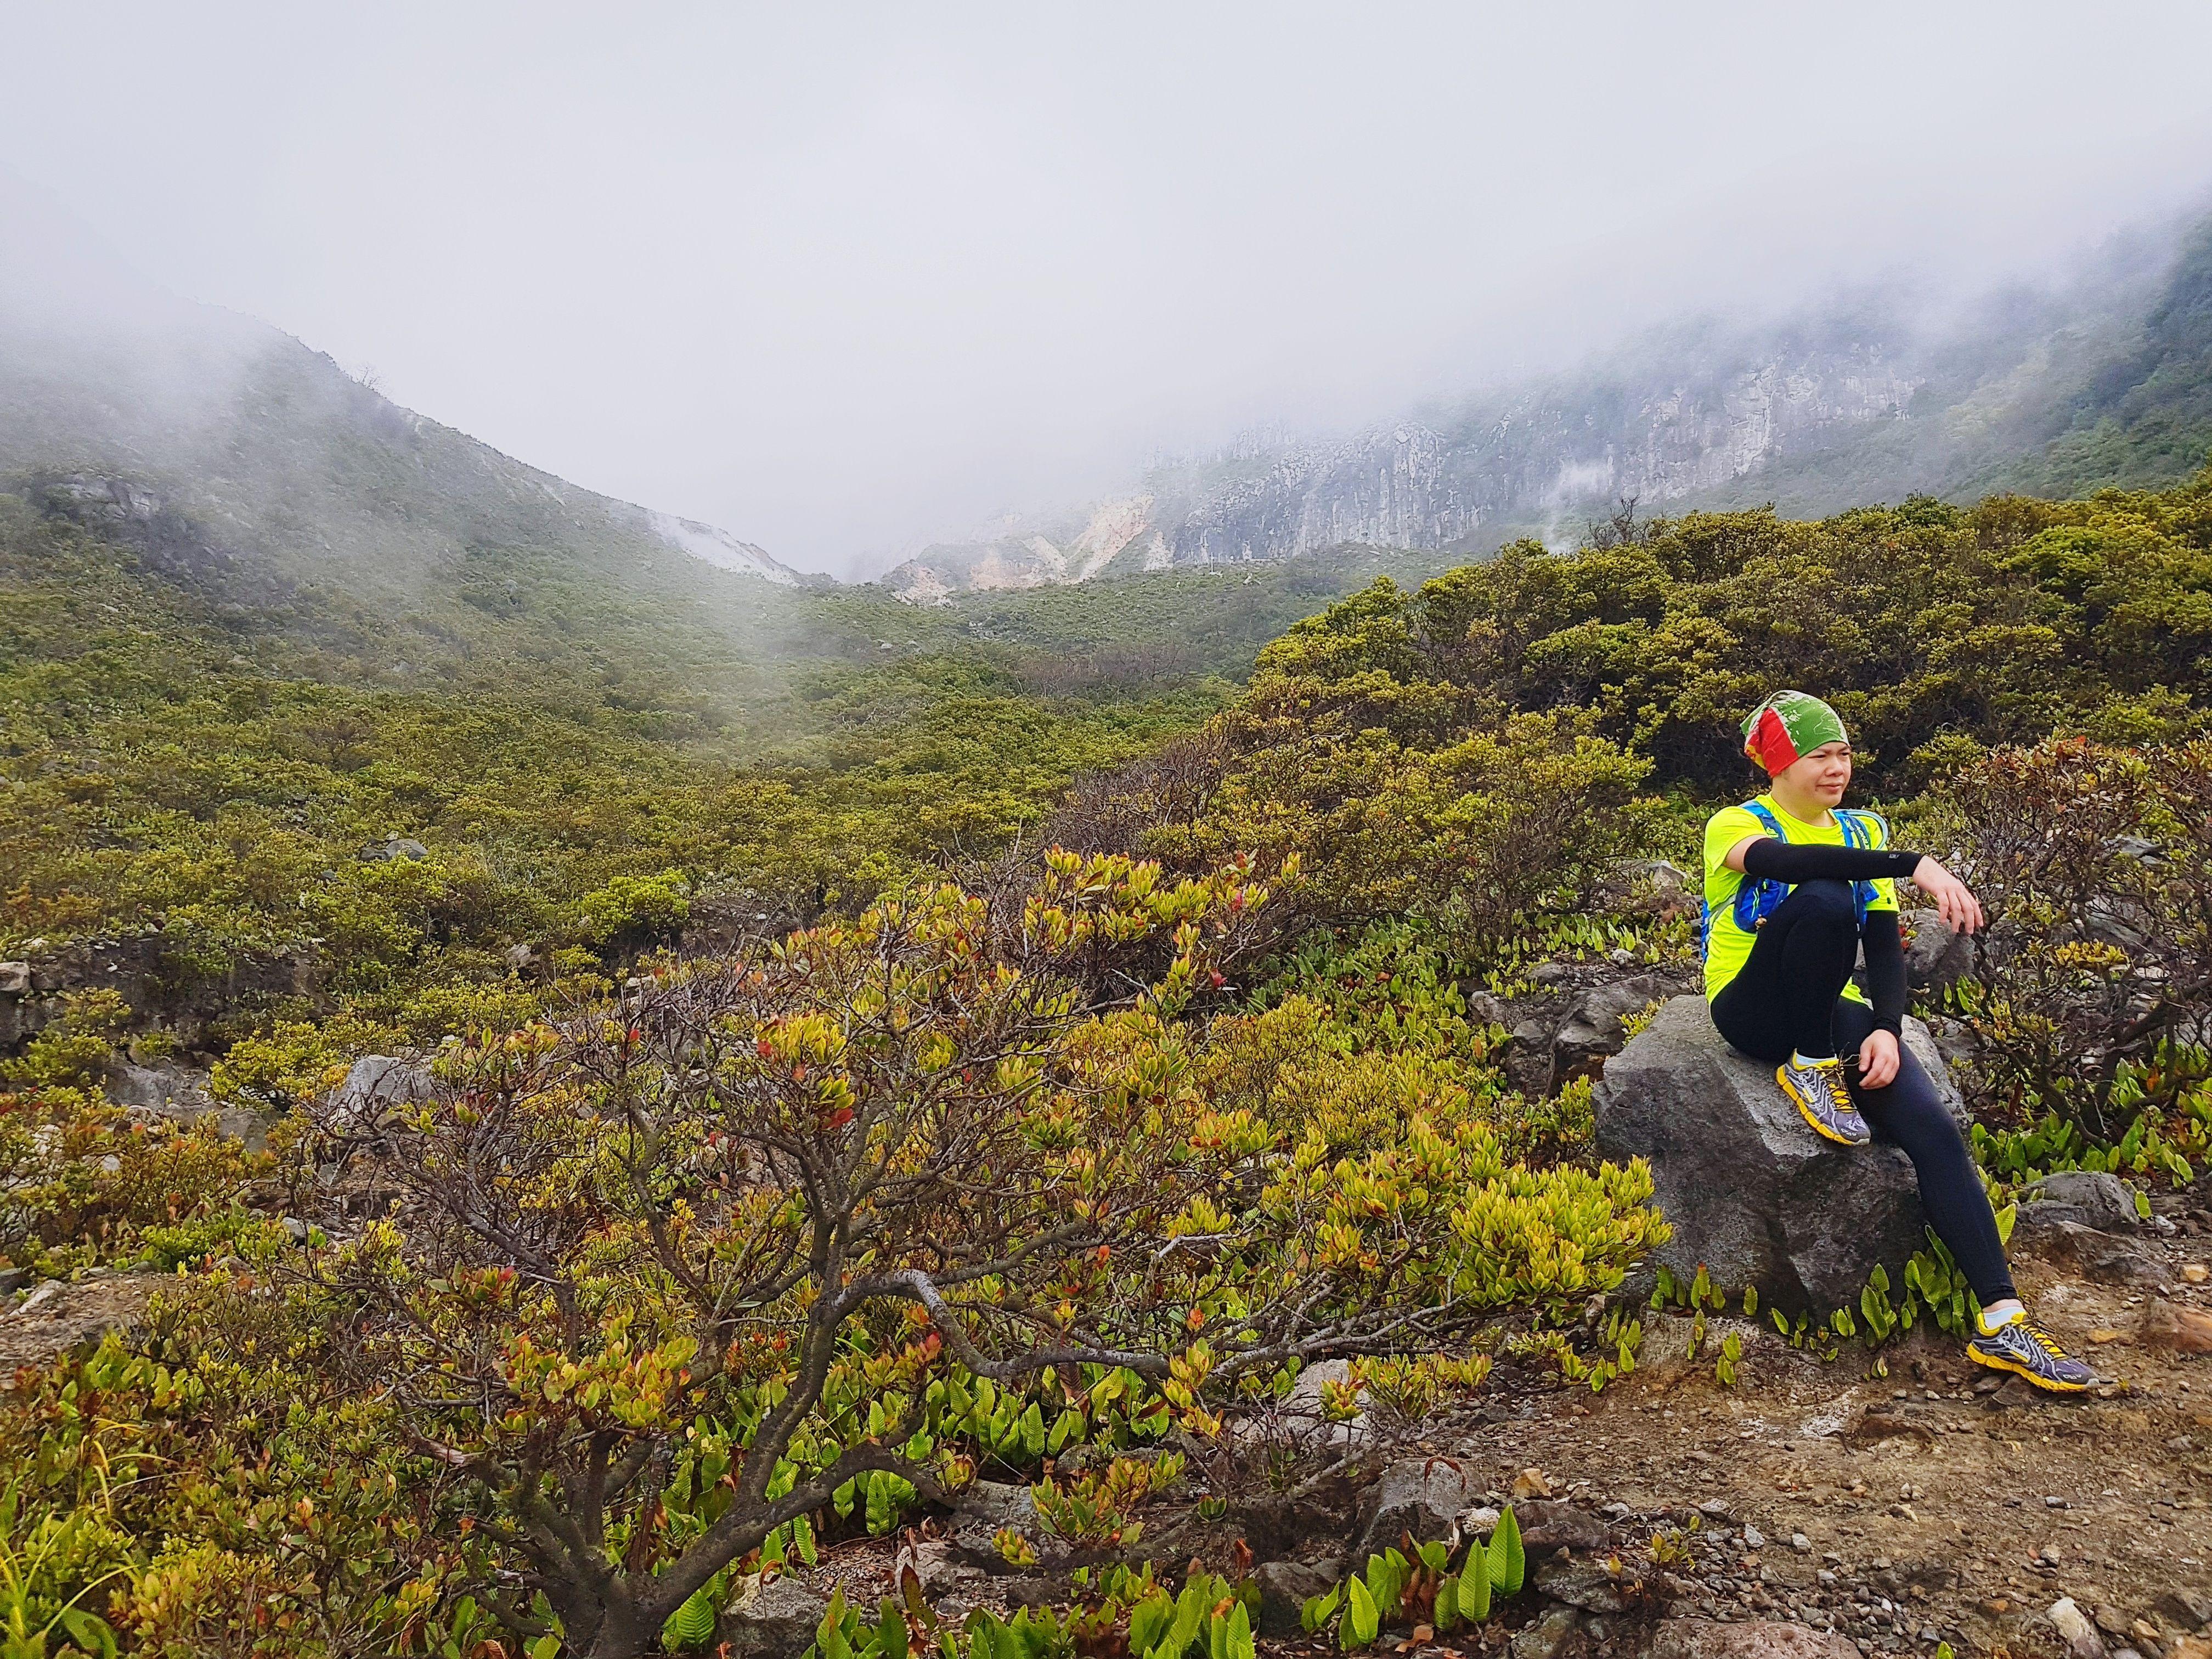 Man Sitting On Rock At Gunung Gede Pangrango National Park During Foggy Weather